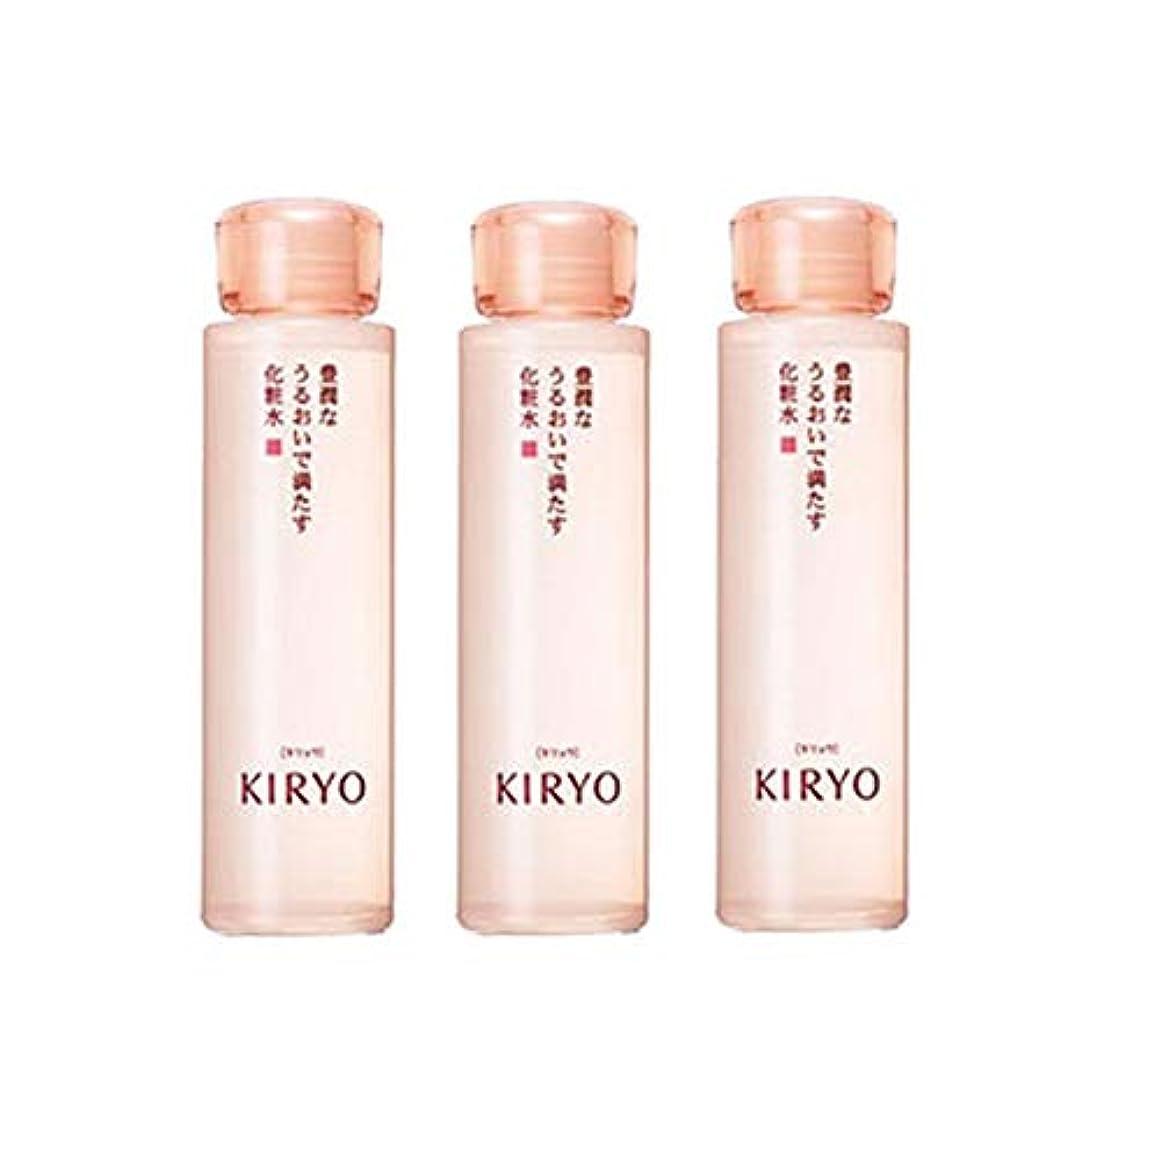 できれば吸収するレルム【資生堂】KIRYO キリョウ ローション II (しっとり)150mL ×3個セット【International shipping available】